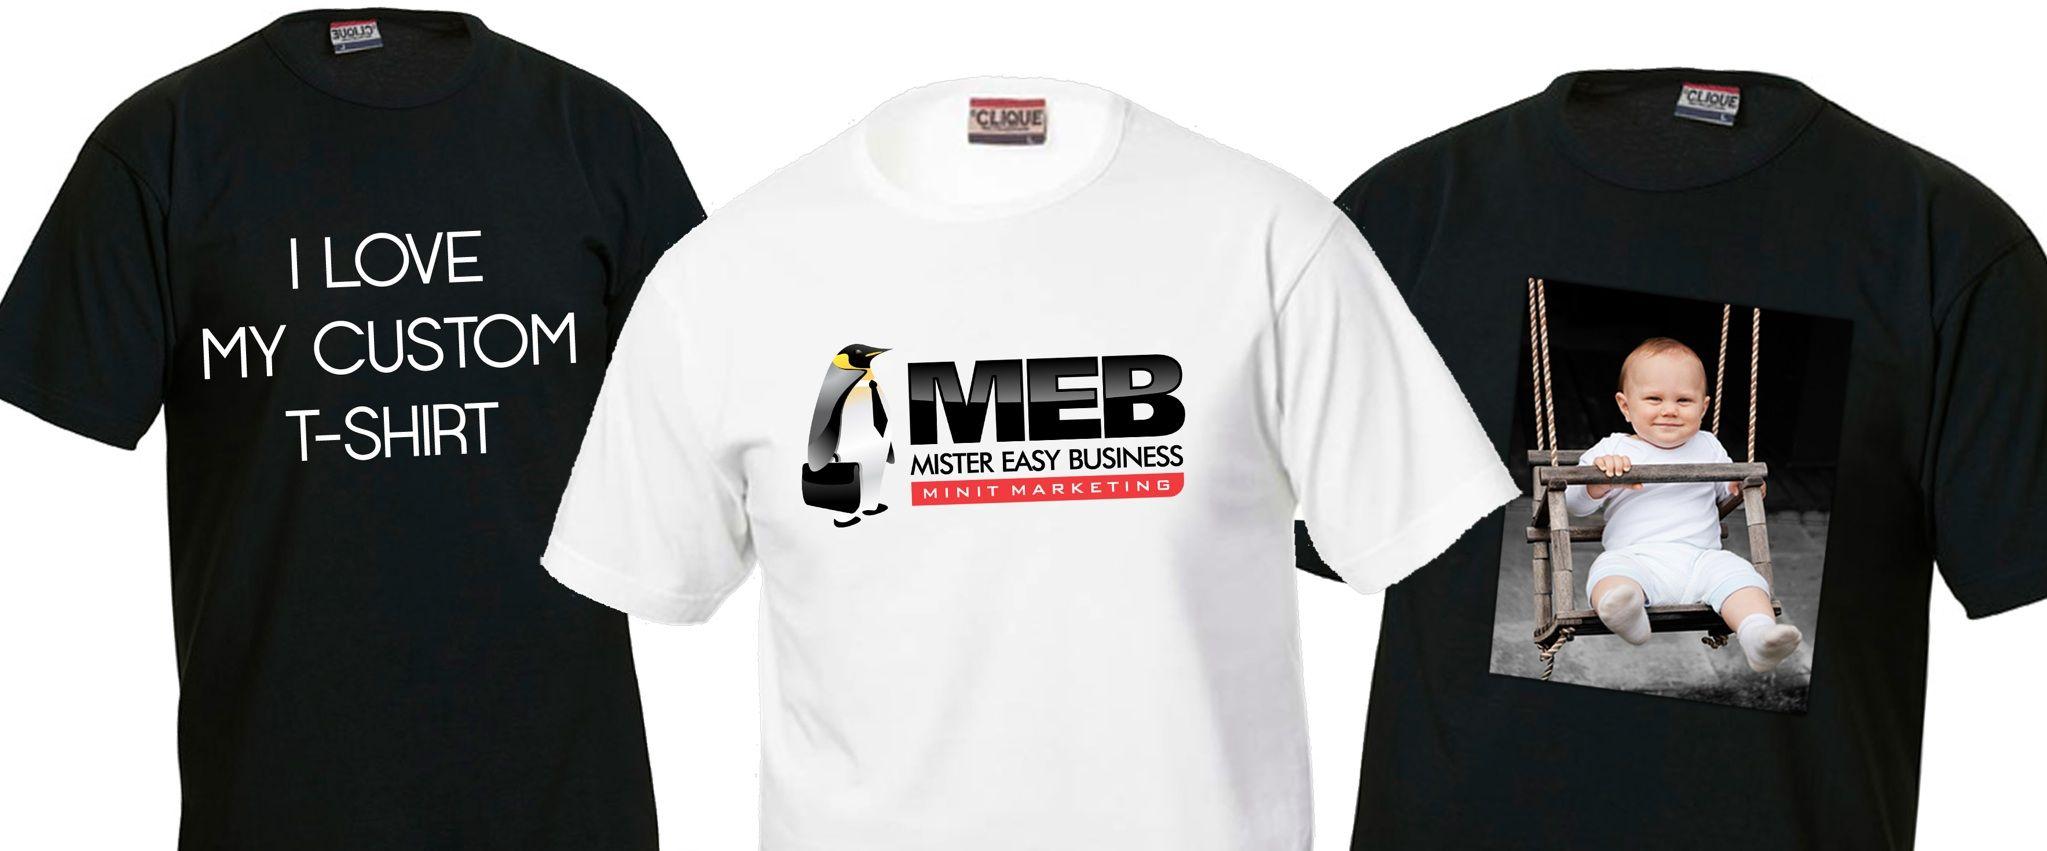 Paitapainatukset omalla kuvalla tai tekstillä, -20 % Luo oma uniikki unelmavaatteesi MEB:n paitapainopalvelun avulla. Tarjolla laaja valikoima erilaisia tekstiilejä, sekä mahdollisuus painattaa omaan paitaan. Norm. 22 €. MEB PRINT, E-TASO